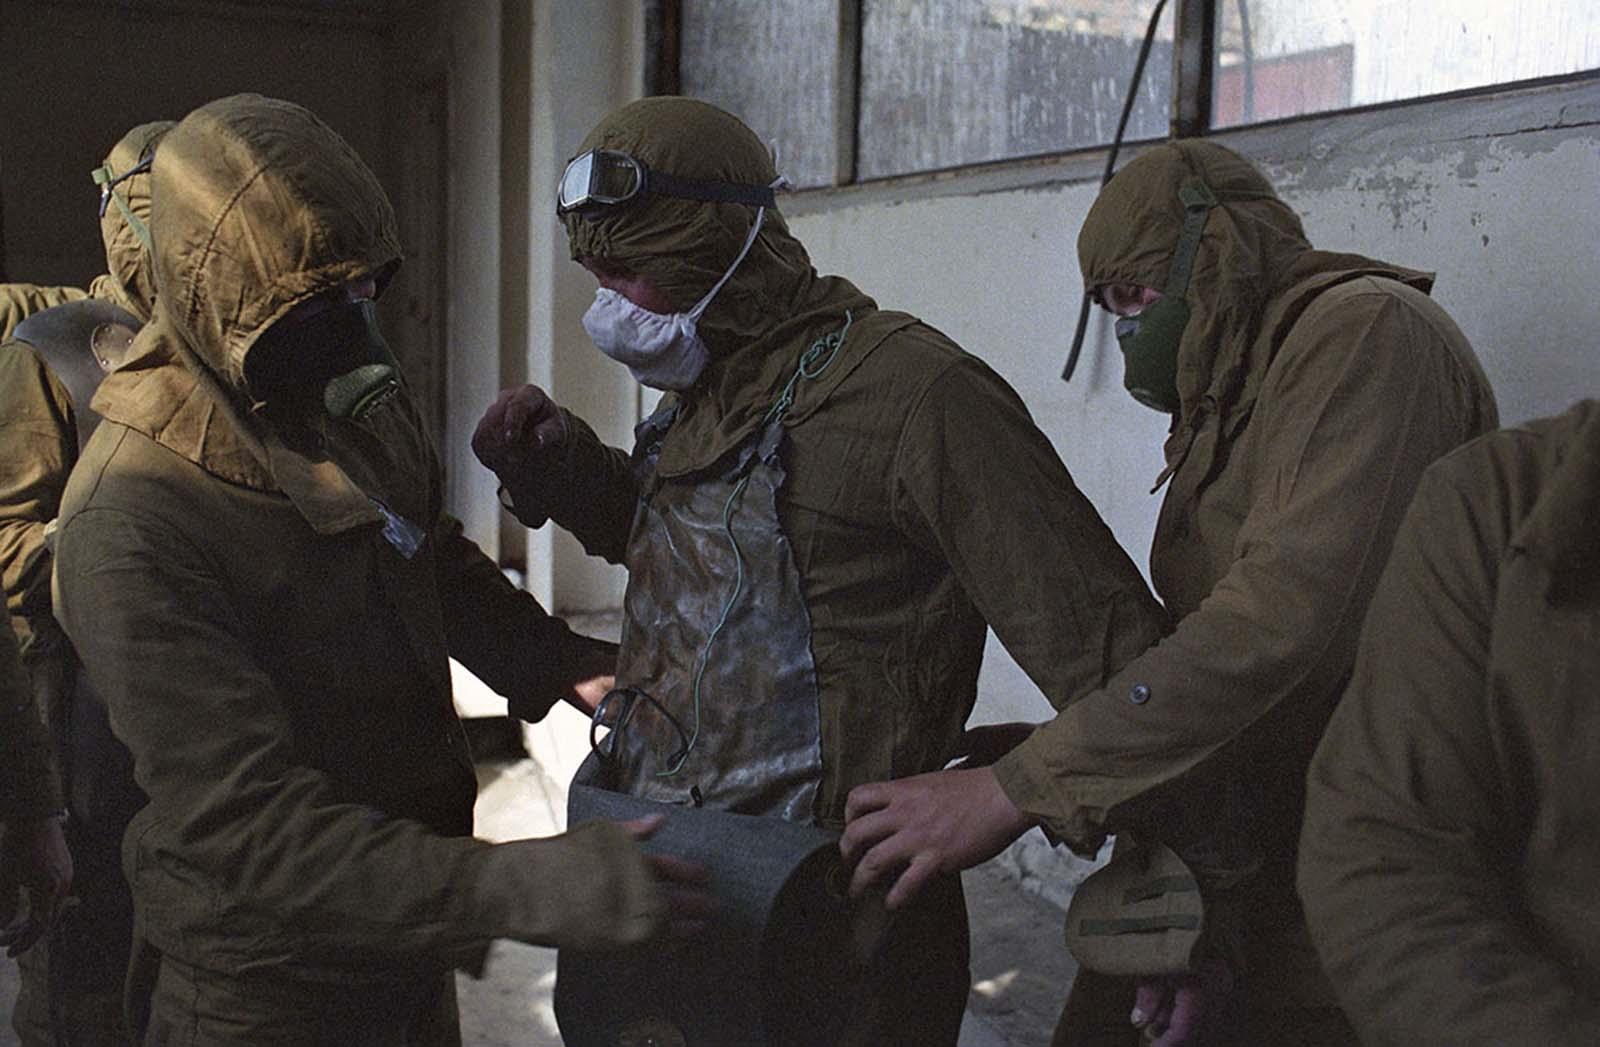 Ликвидаторите, разчистващи радиоактивните отпадъци, най-често били на възраст между 35 и 40 г.